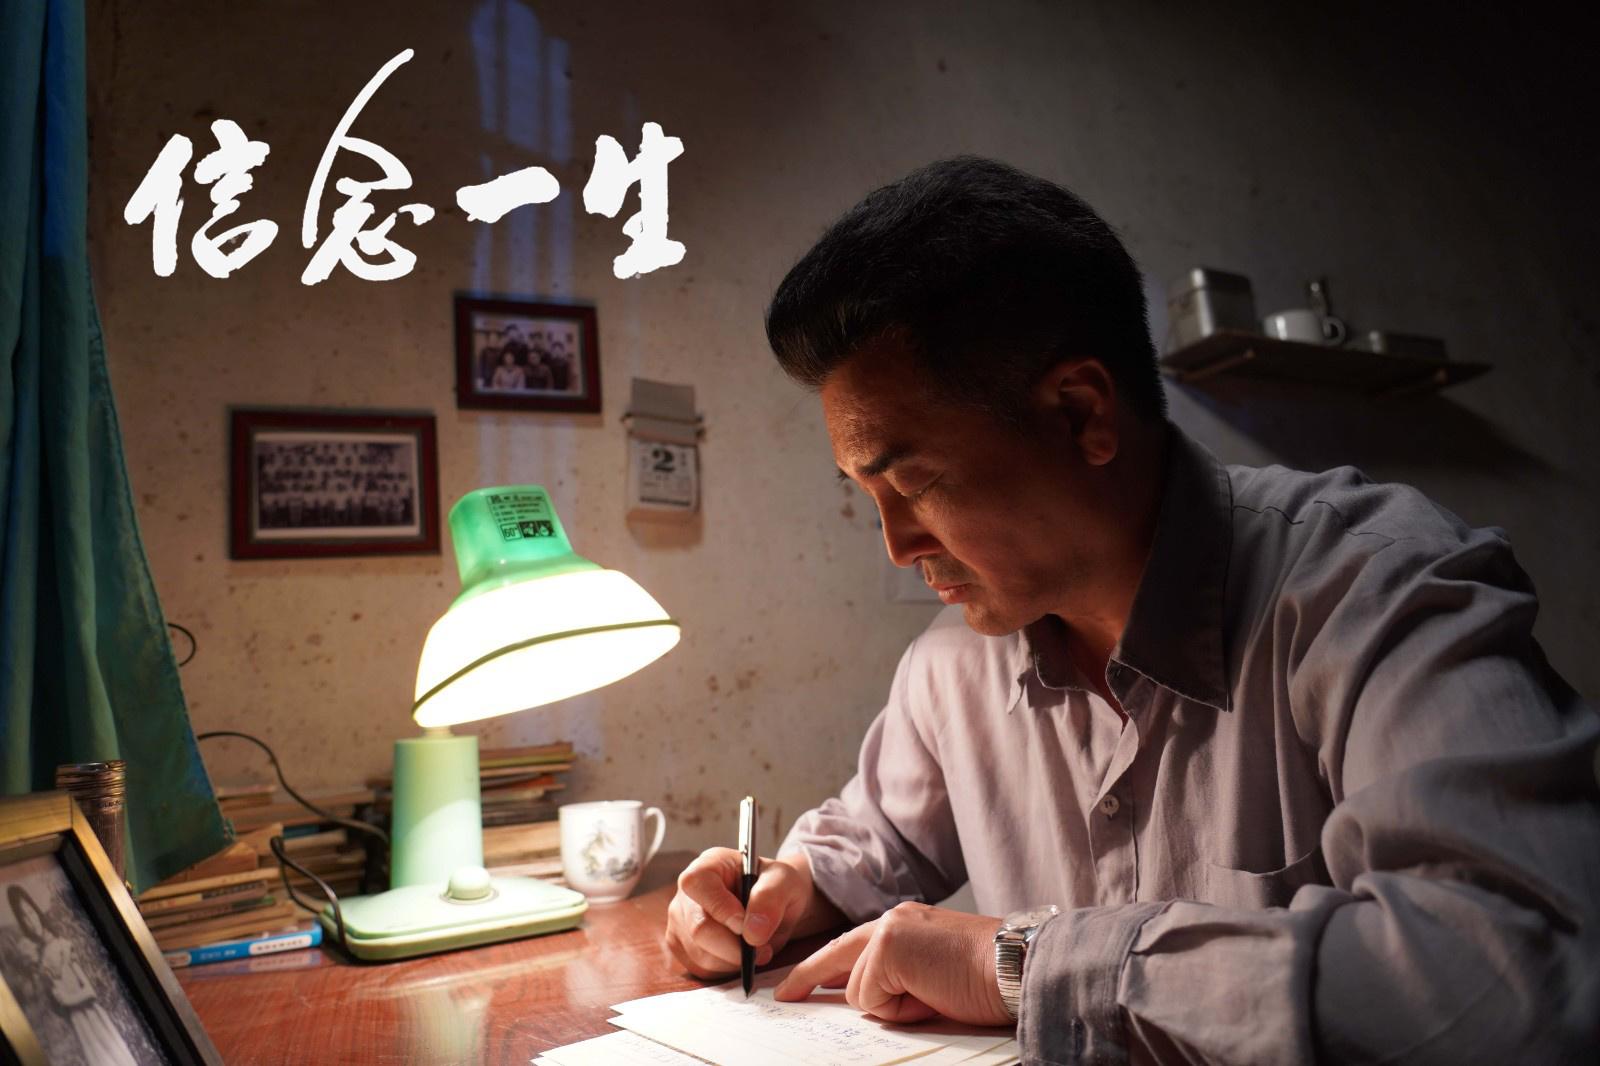 《信念一生》8.19公映 开启全国7城主题观影活动